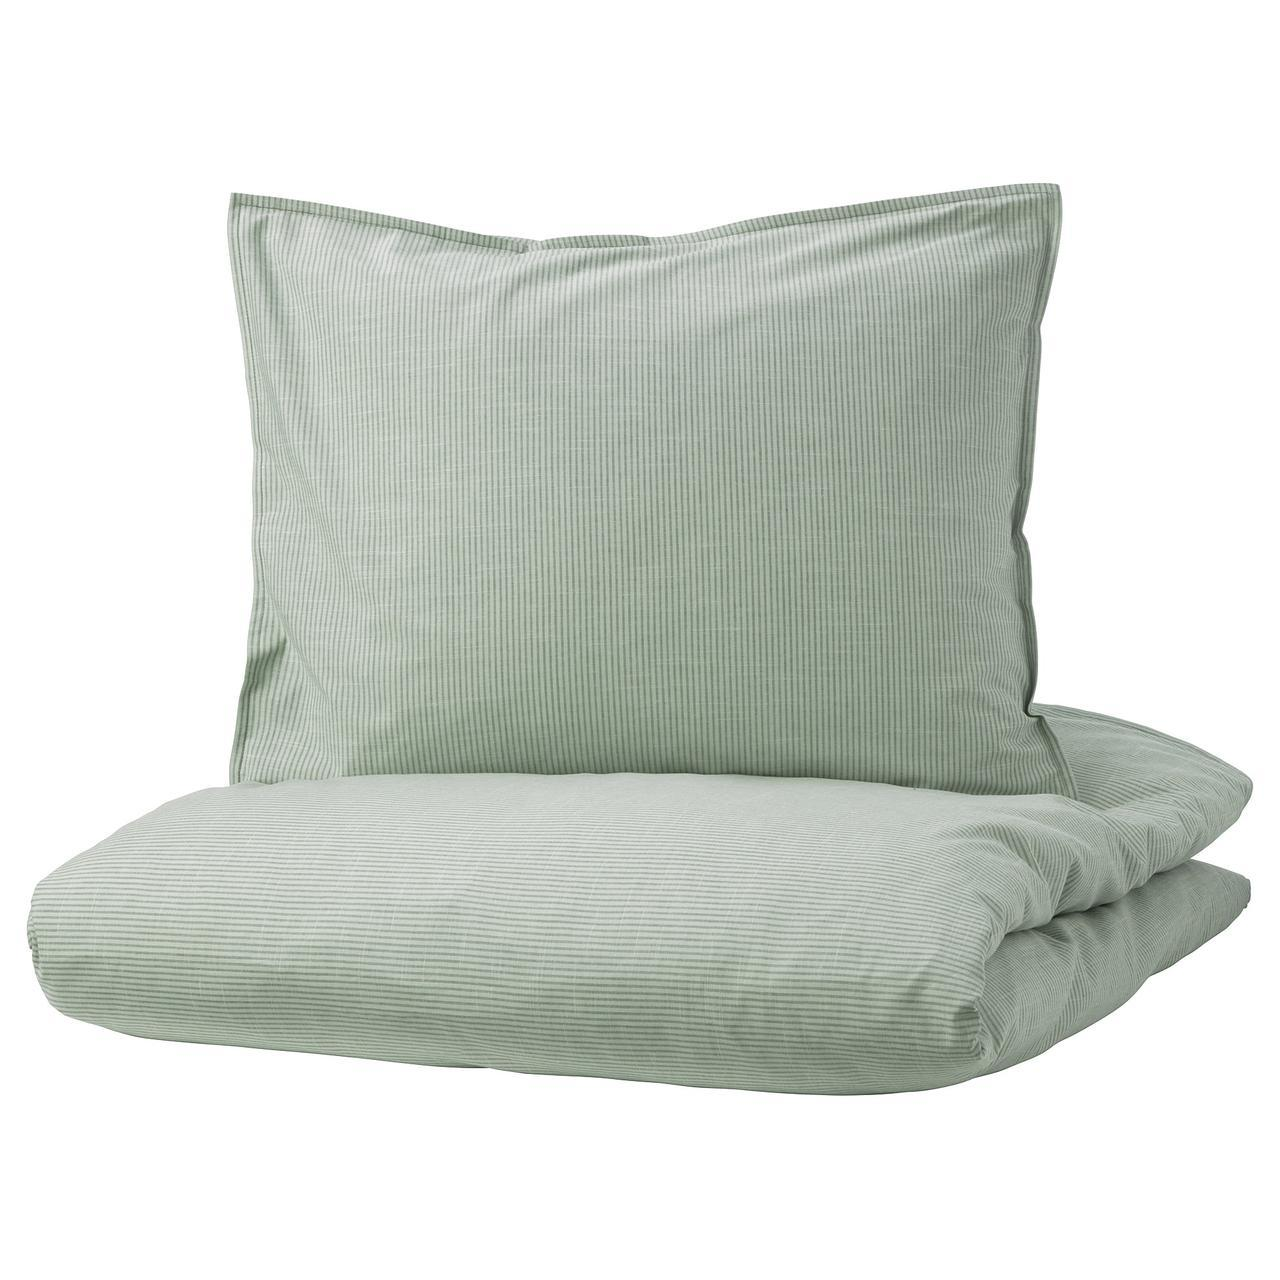 IKEA BERGPALM Комплект постельного белья, зеленый, полосатый  (404.232.05)